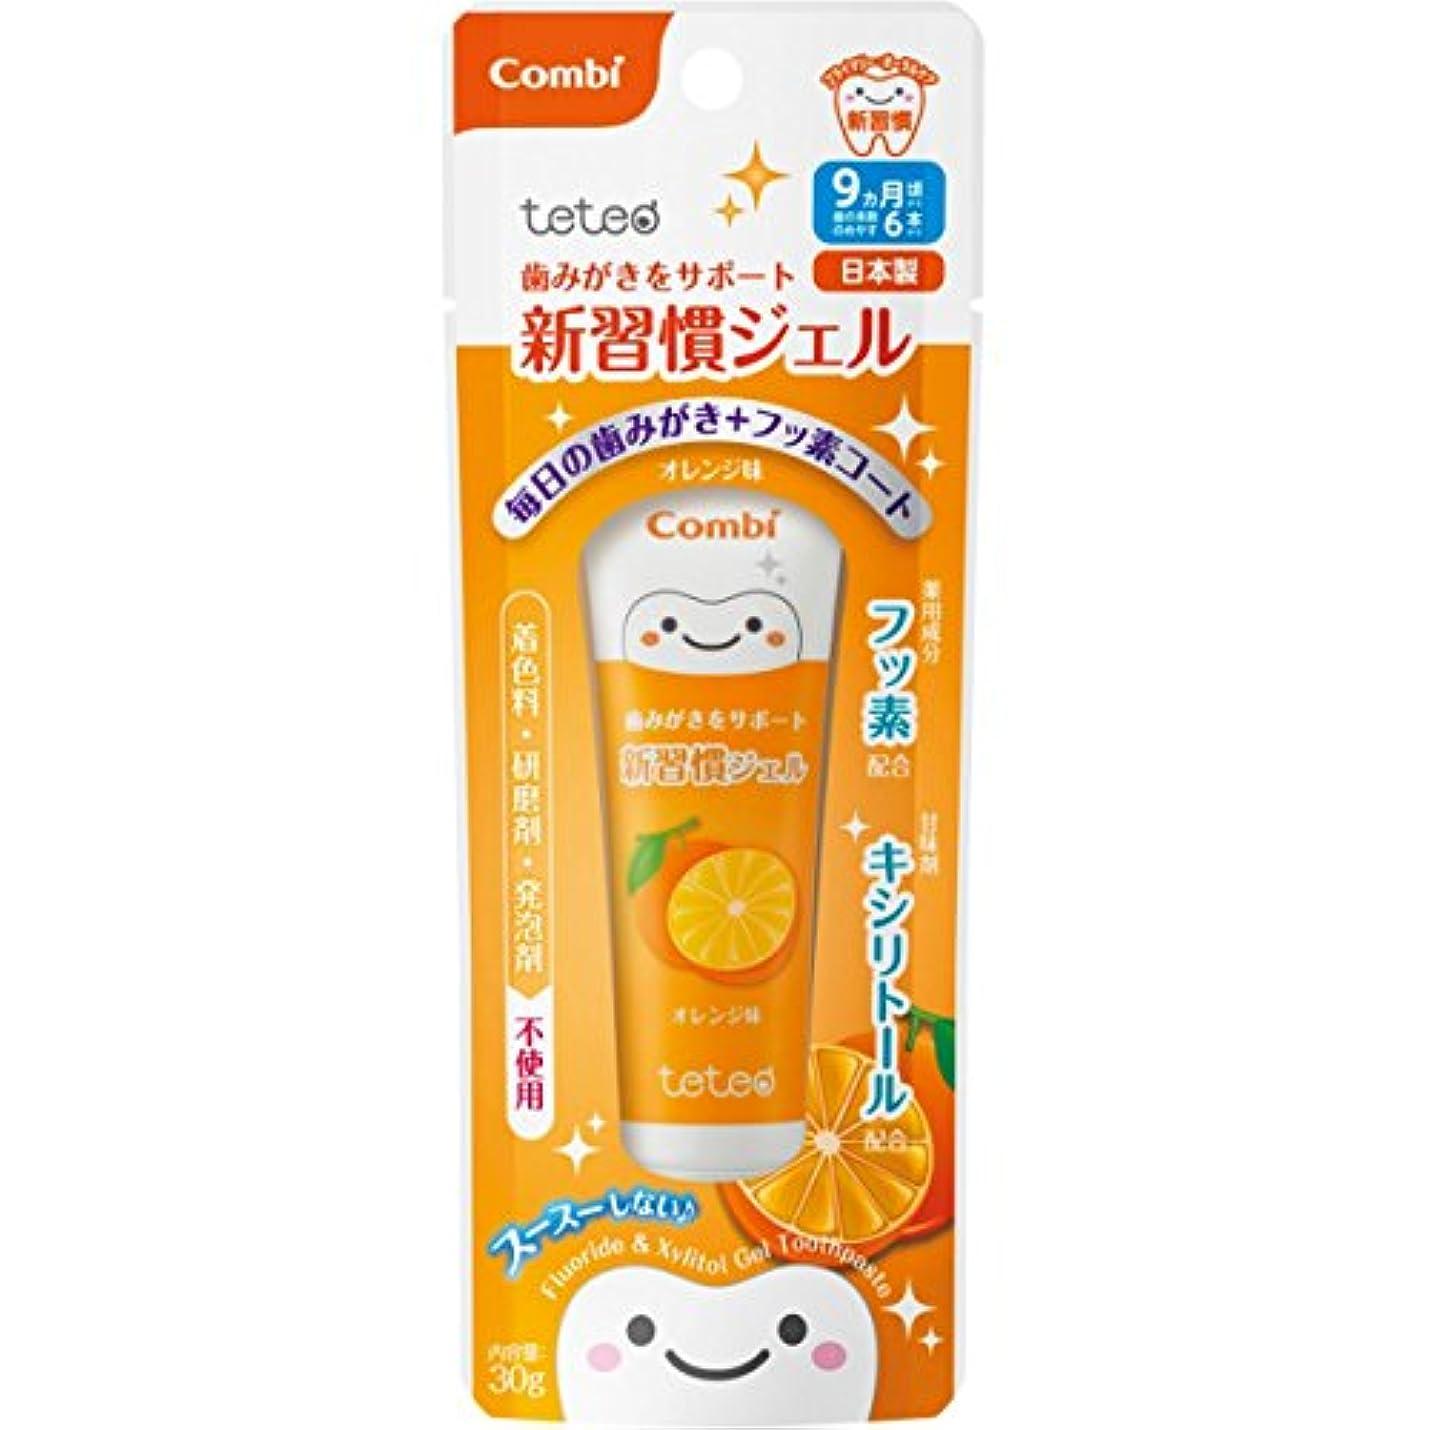 背景領収書オペレーター【テテオ】歯みがきサポート 新習慣ジェル オレンジ味 30g×3個